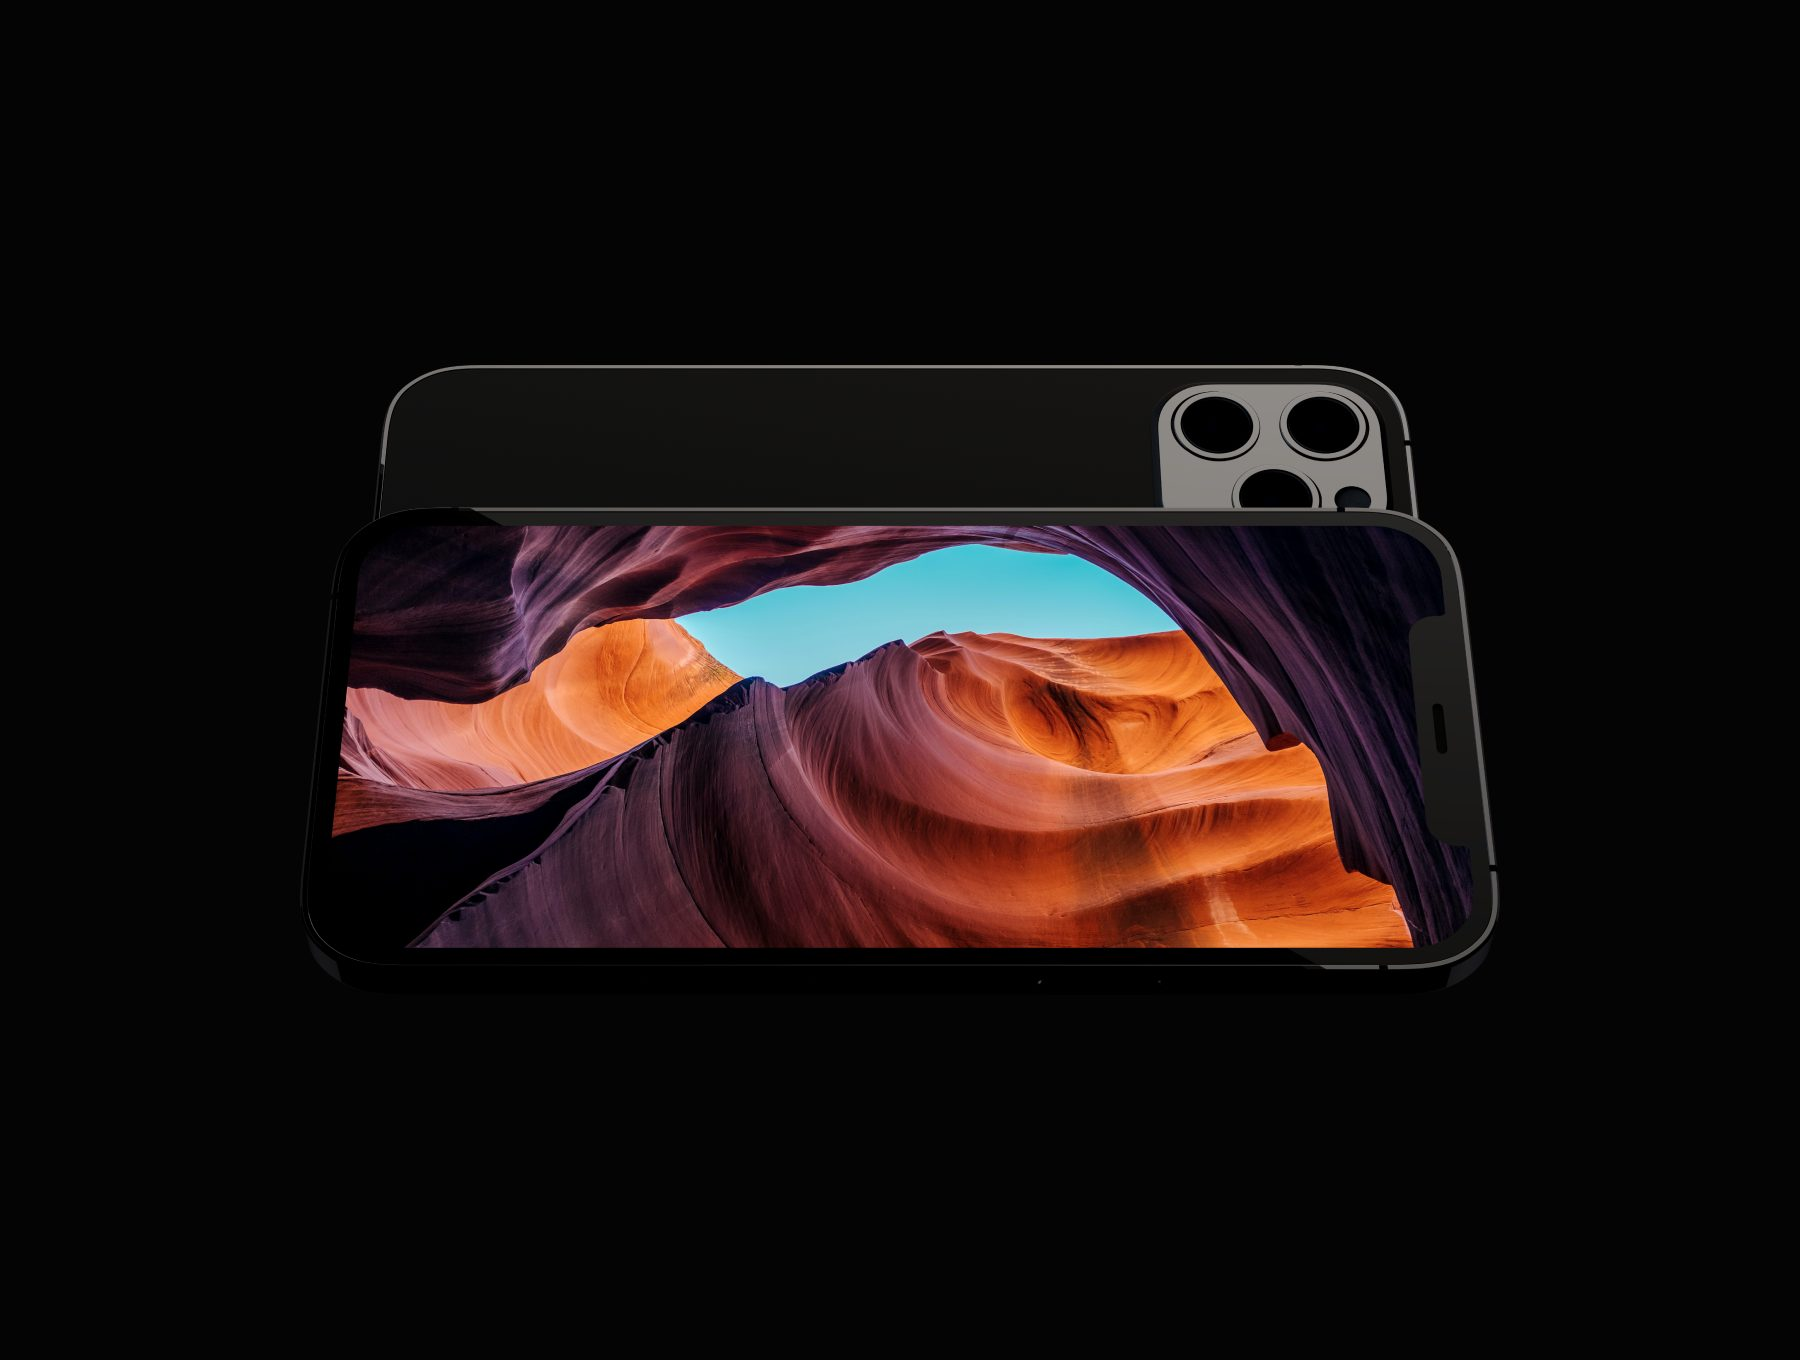 高端苹果手机iPhone 12 Pro 极品多角度高质量高精度手机样机designshidai_yj520